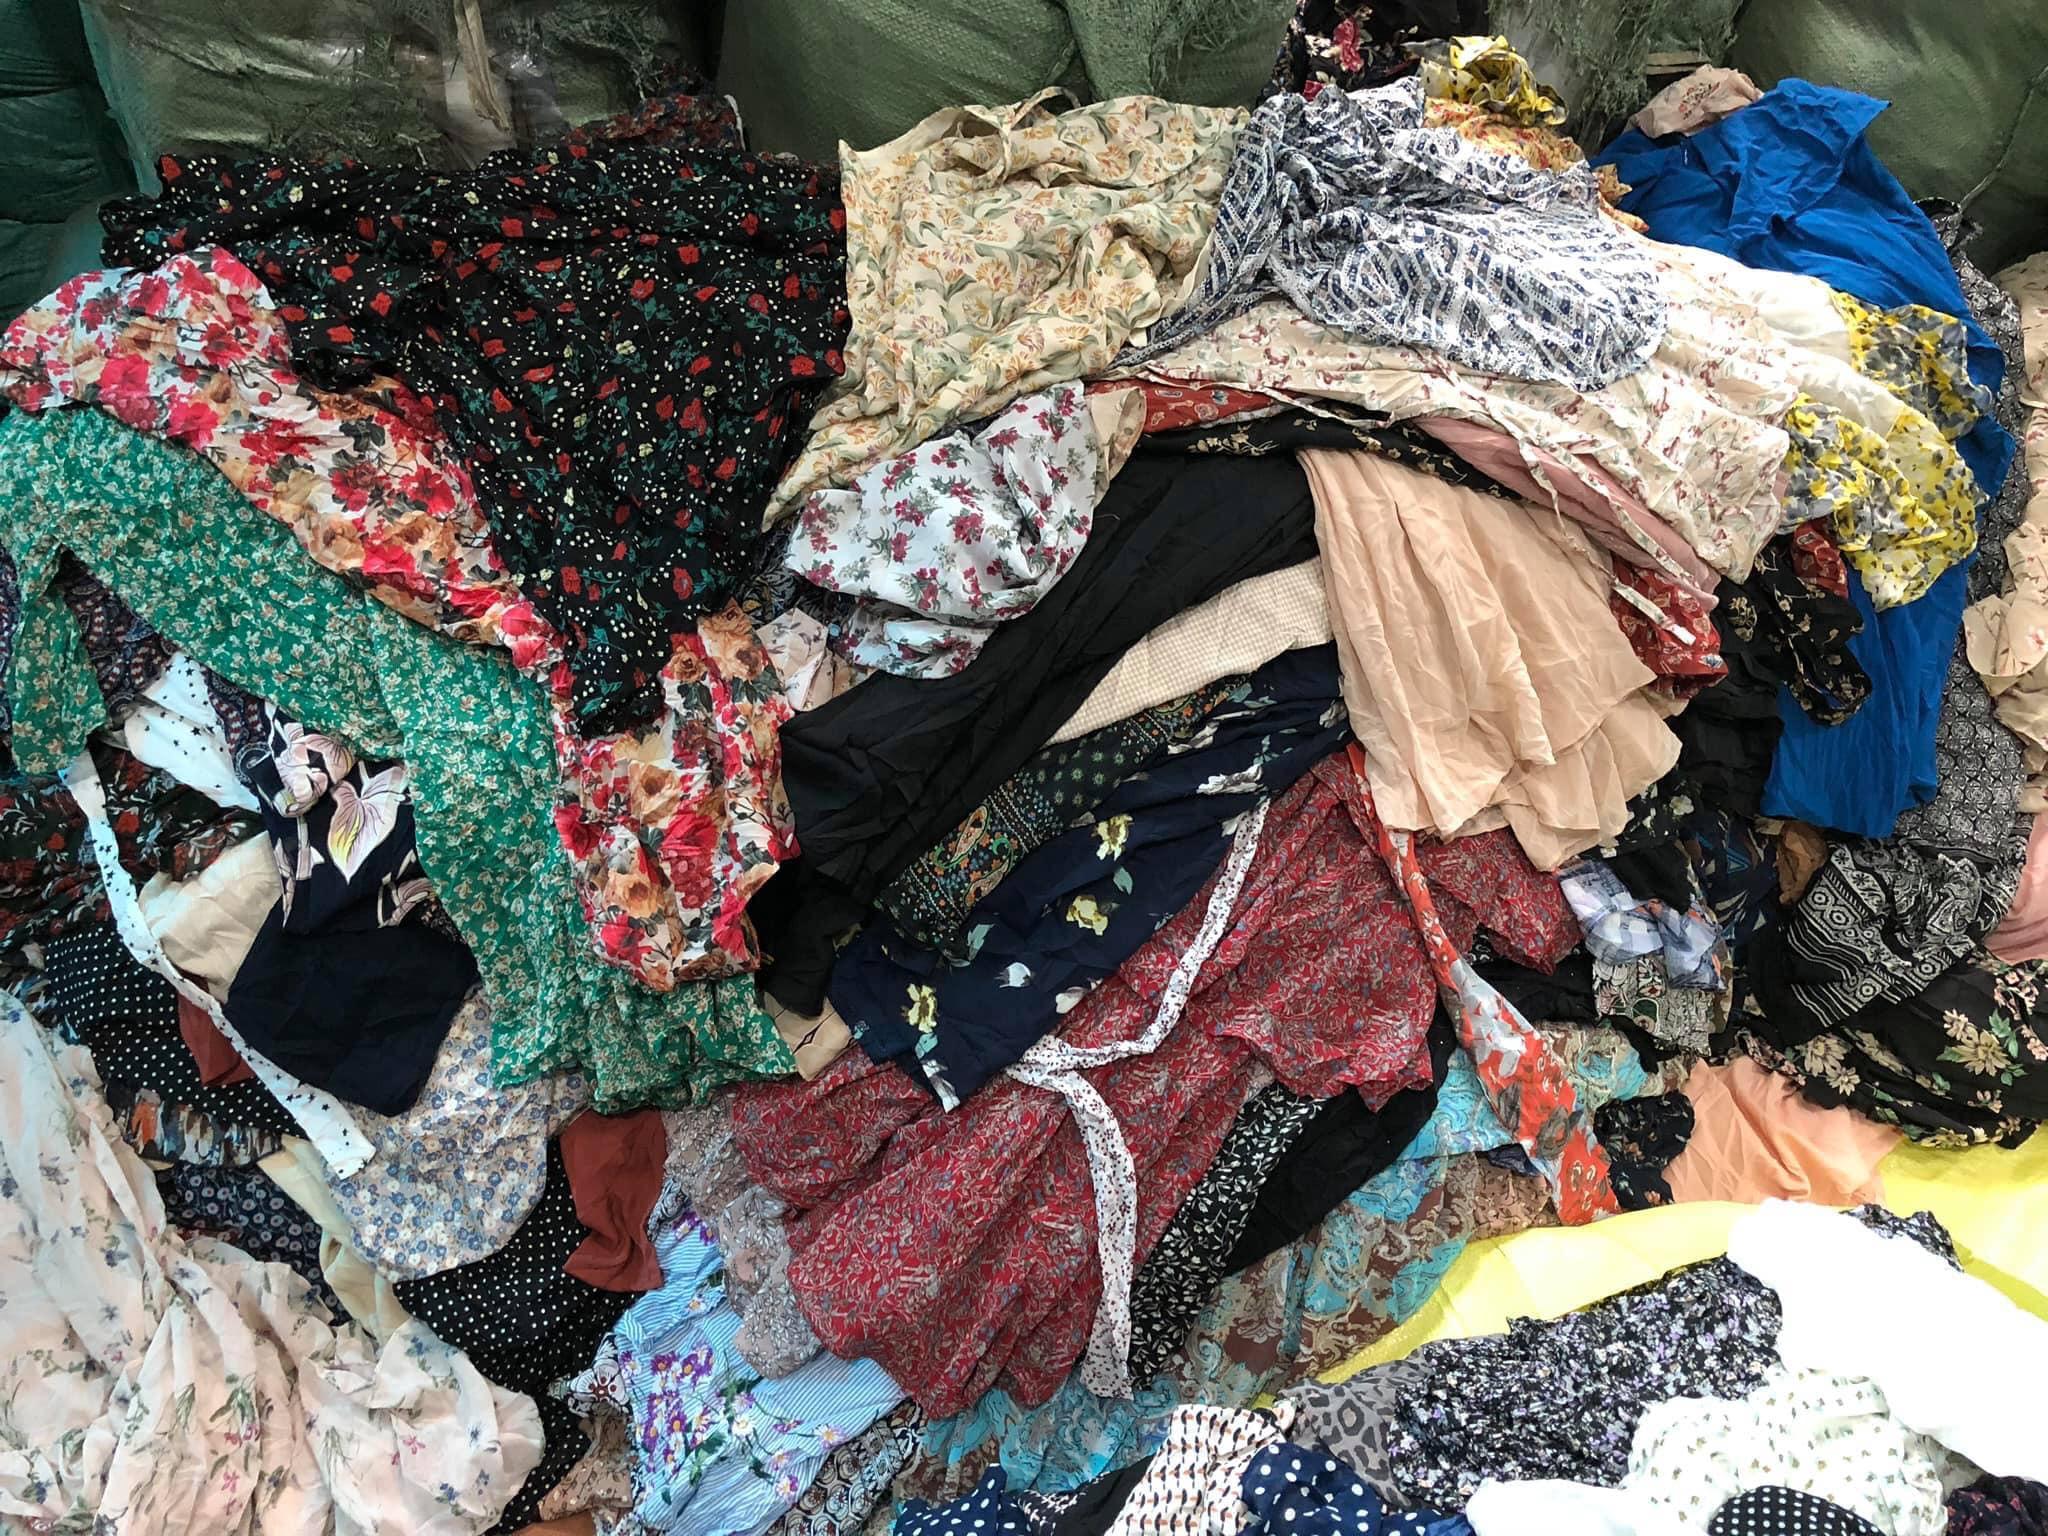 Địa chỉ cung cấp quần áo hàng thùng nguyên kiện giá rẻ với số vốn ít